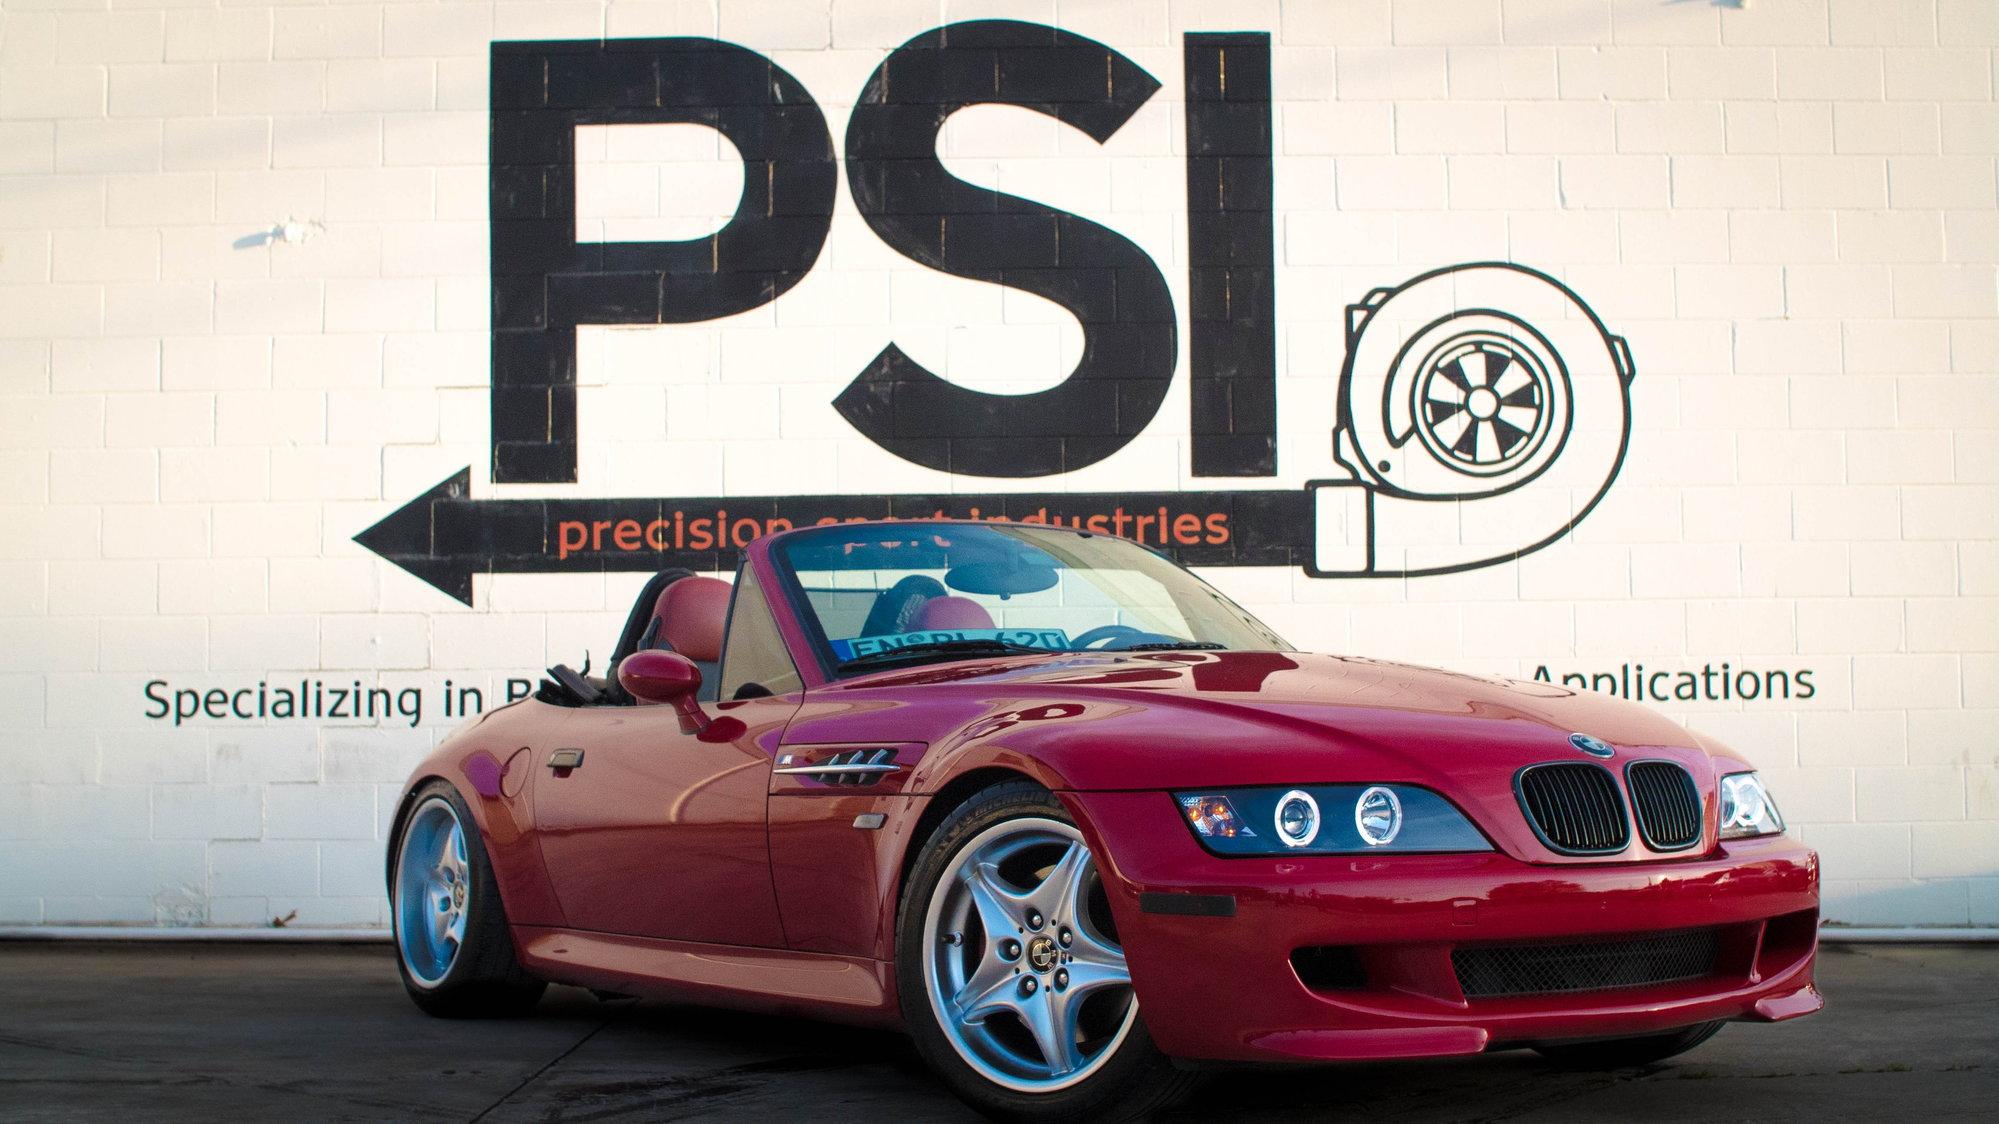 2003 x-type fuse box diagram faq - jaguar forums - jaguar enthusiasts forum  jaguar forums